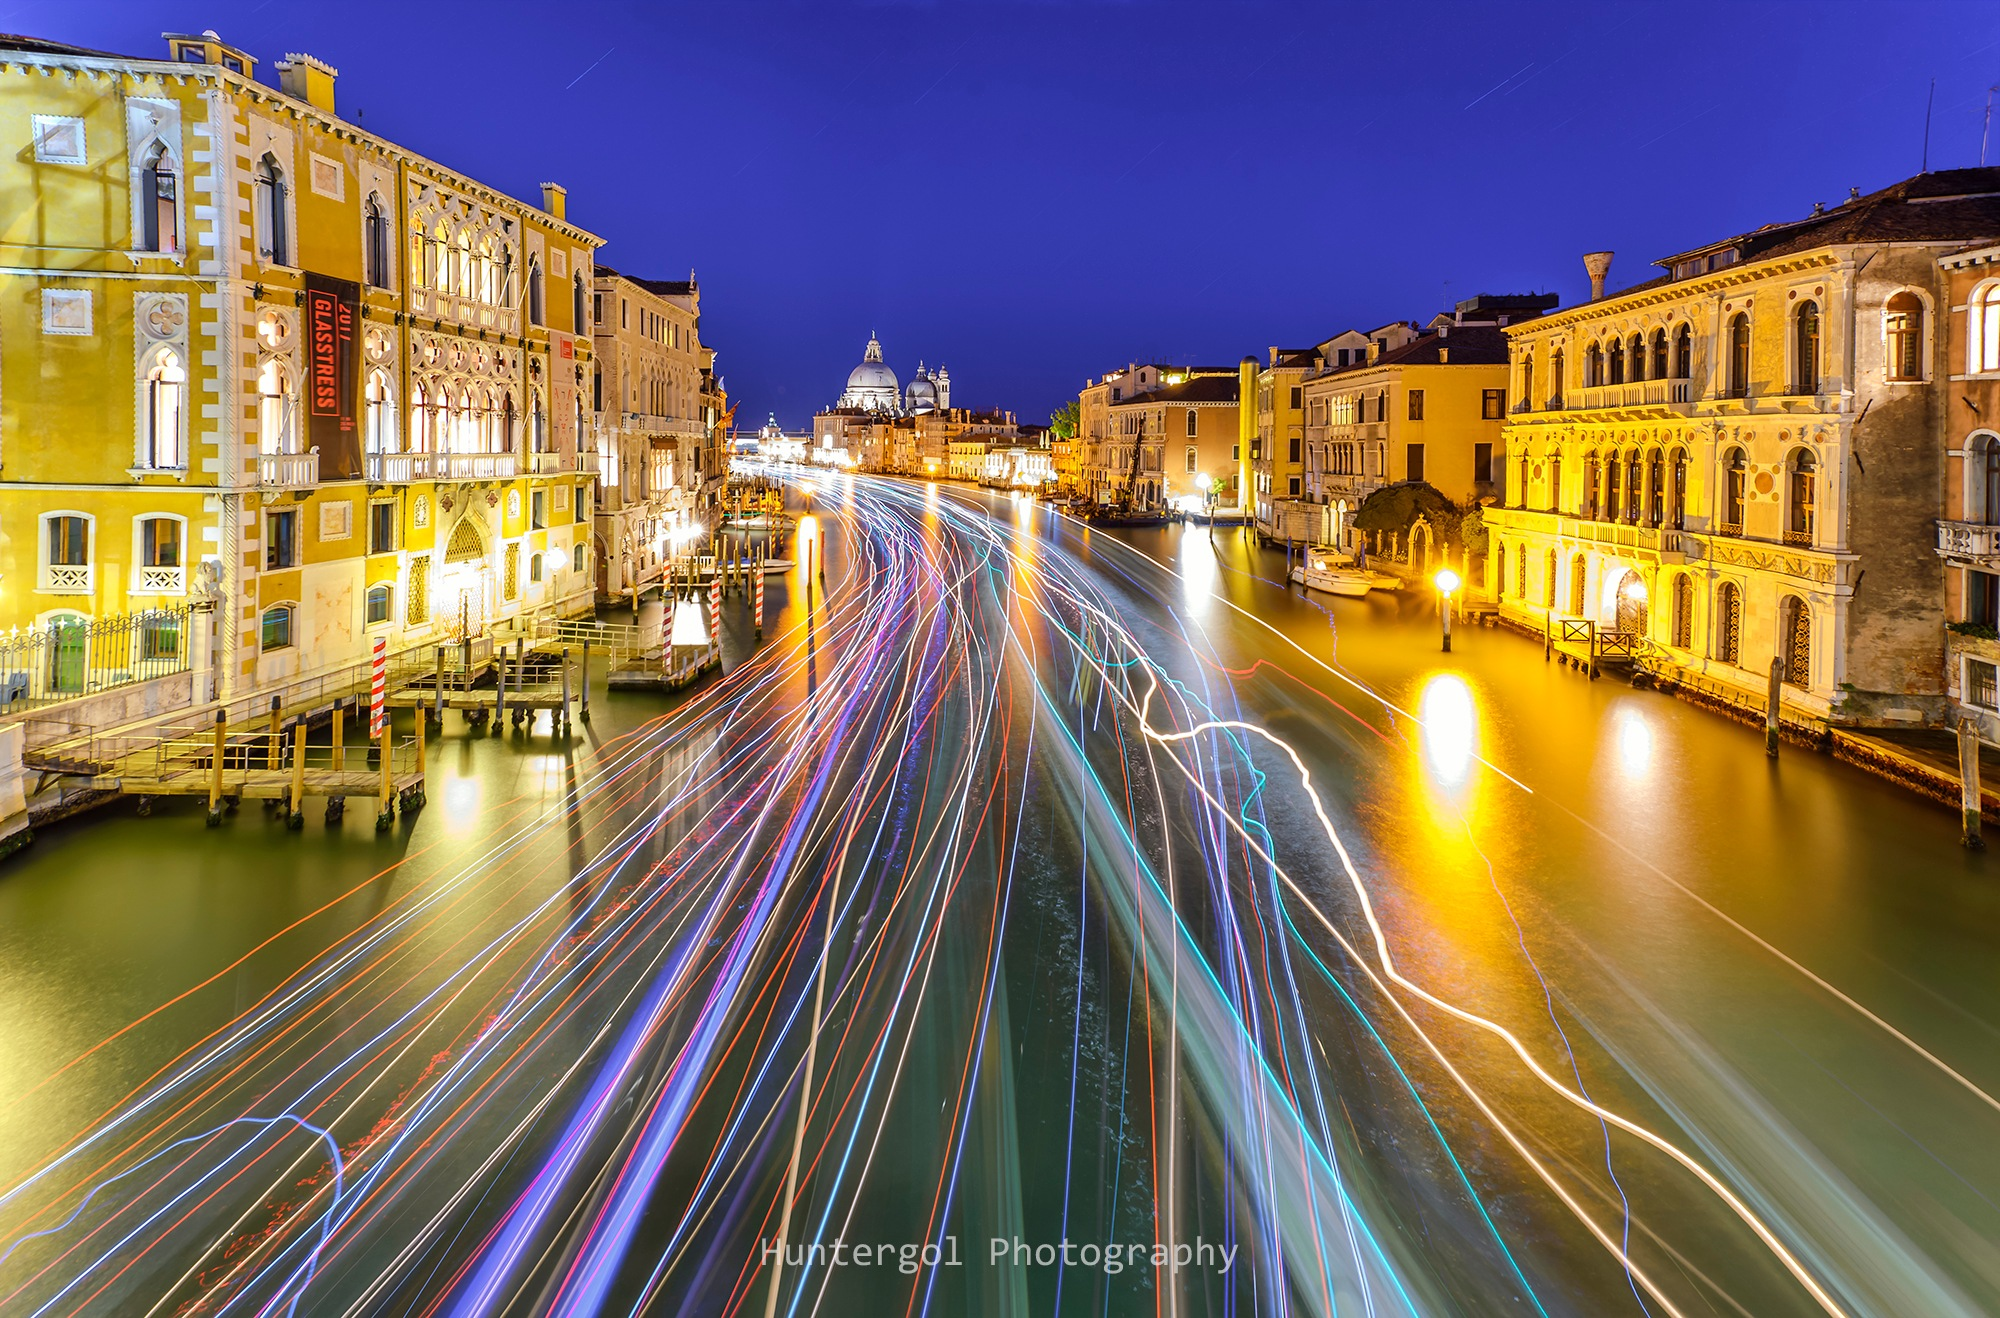 Ponte dell'Accademia by huntergol